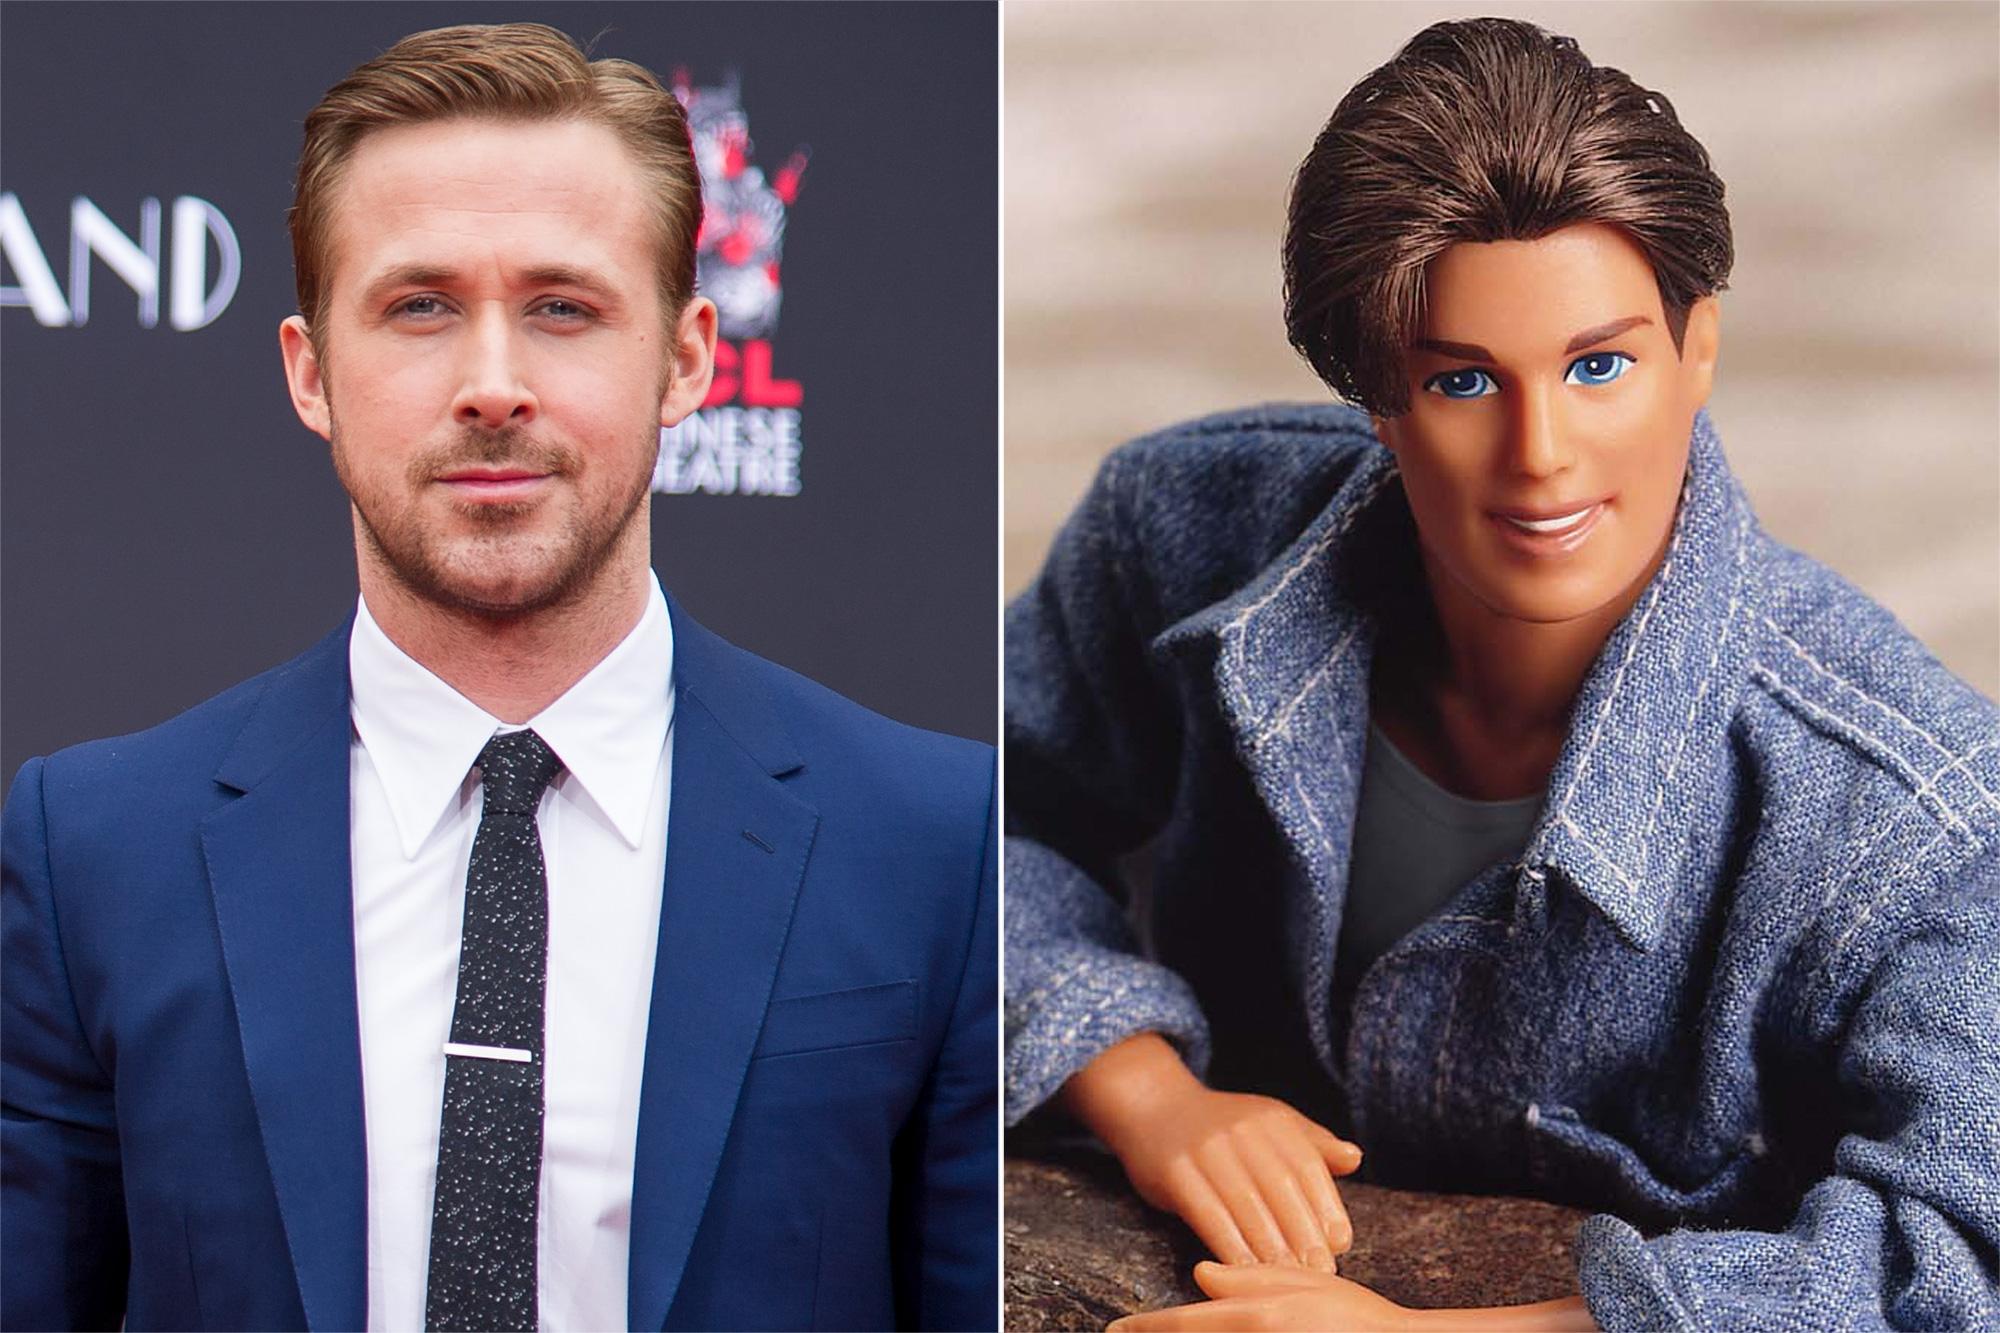 Ryan Gosling, Ken Doll